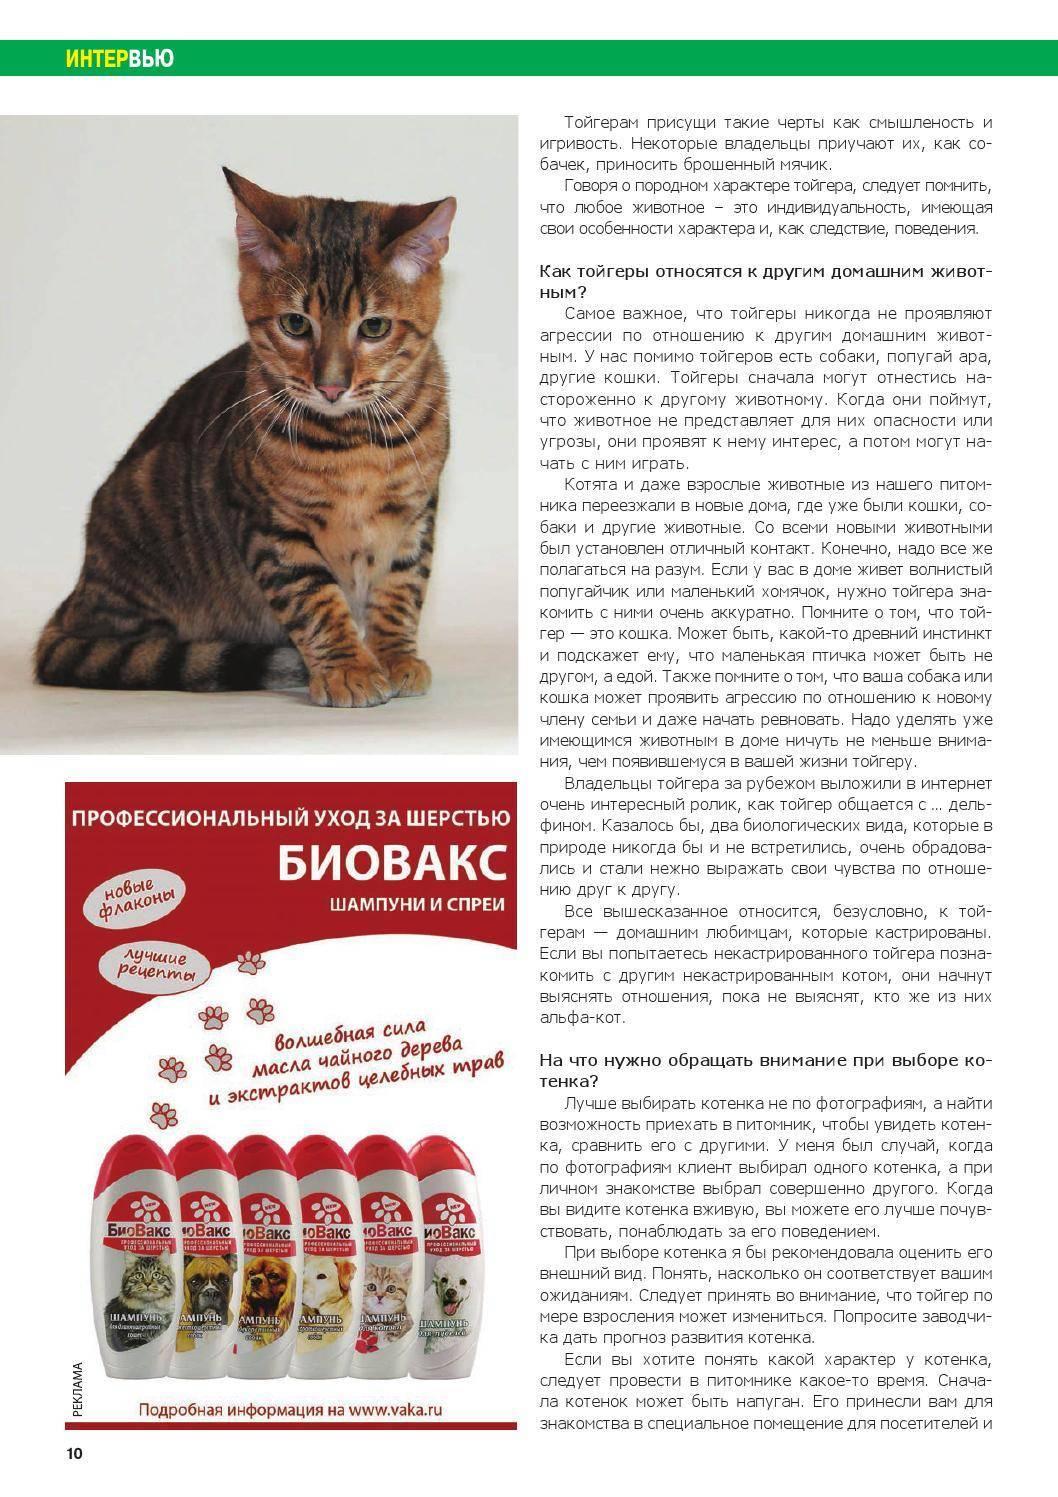 Породы кошек для квартиры - какую кошку выбрать в квартиру